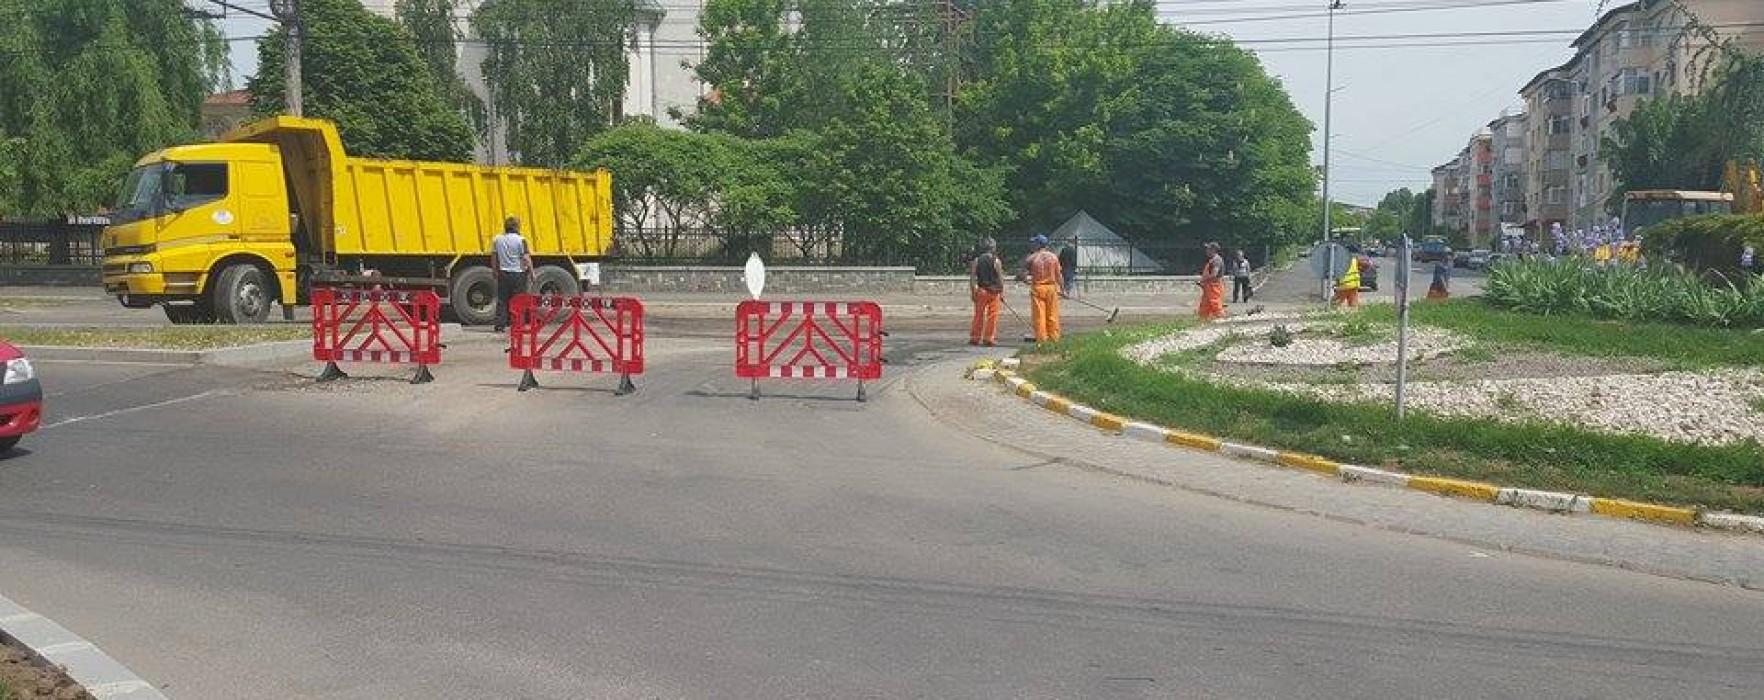 Târgovişte: Restricţii de circulaţie pe IC Brătianu, se asfaltează în zona sensurilor giratorii